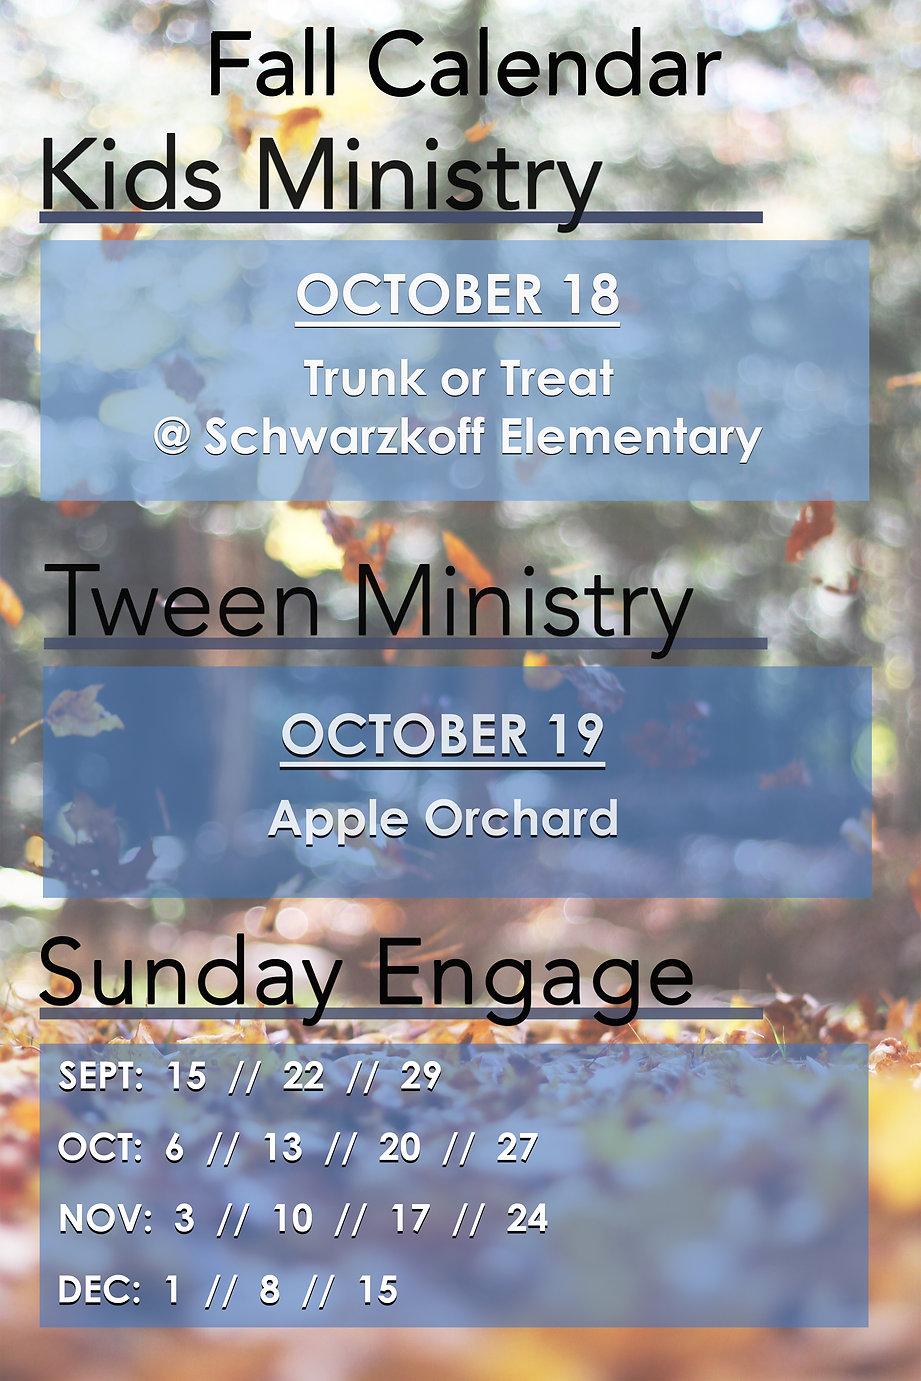 Kids - Tween Ministry FALL 2019 Calendar